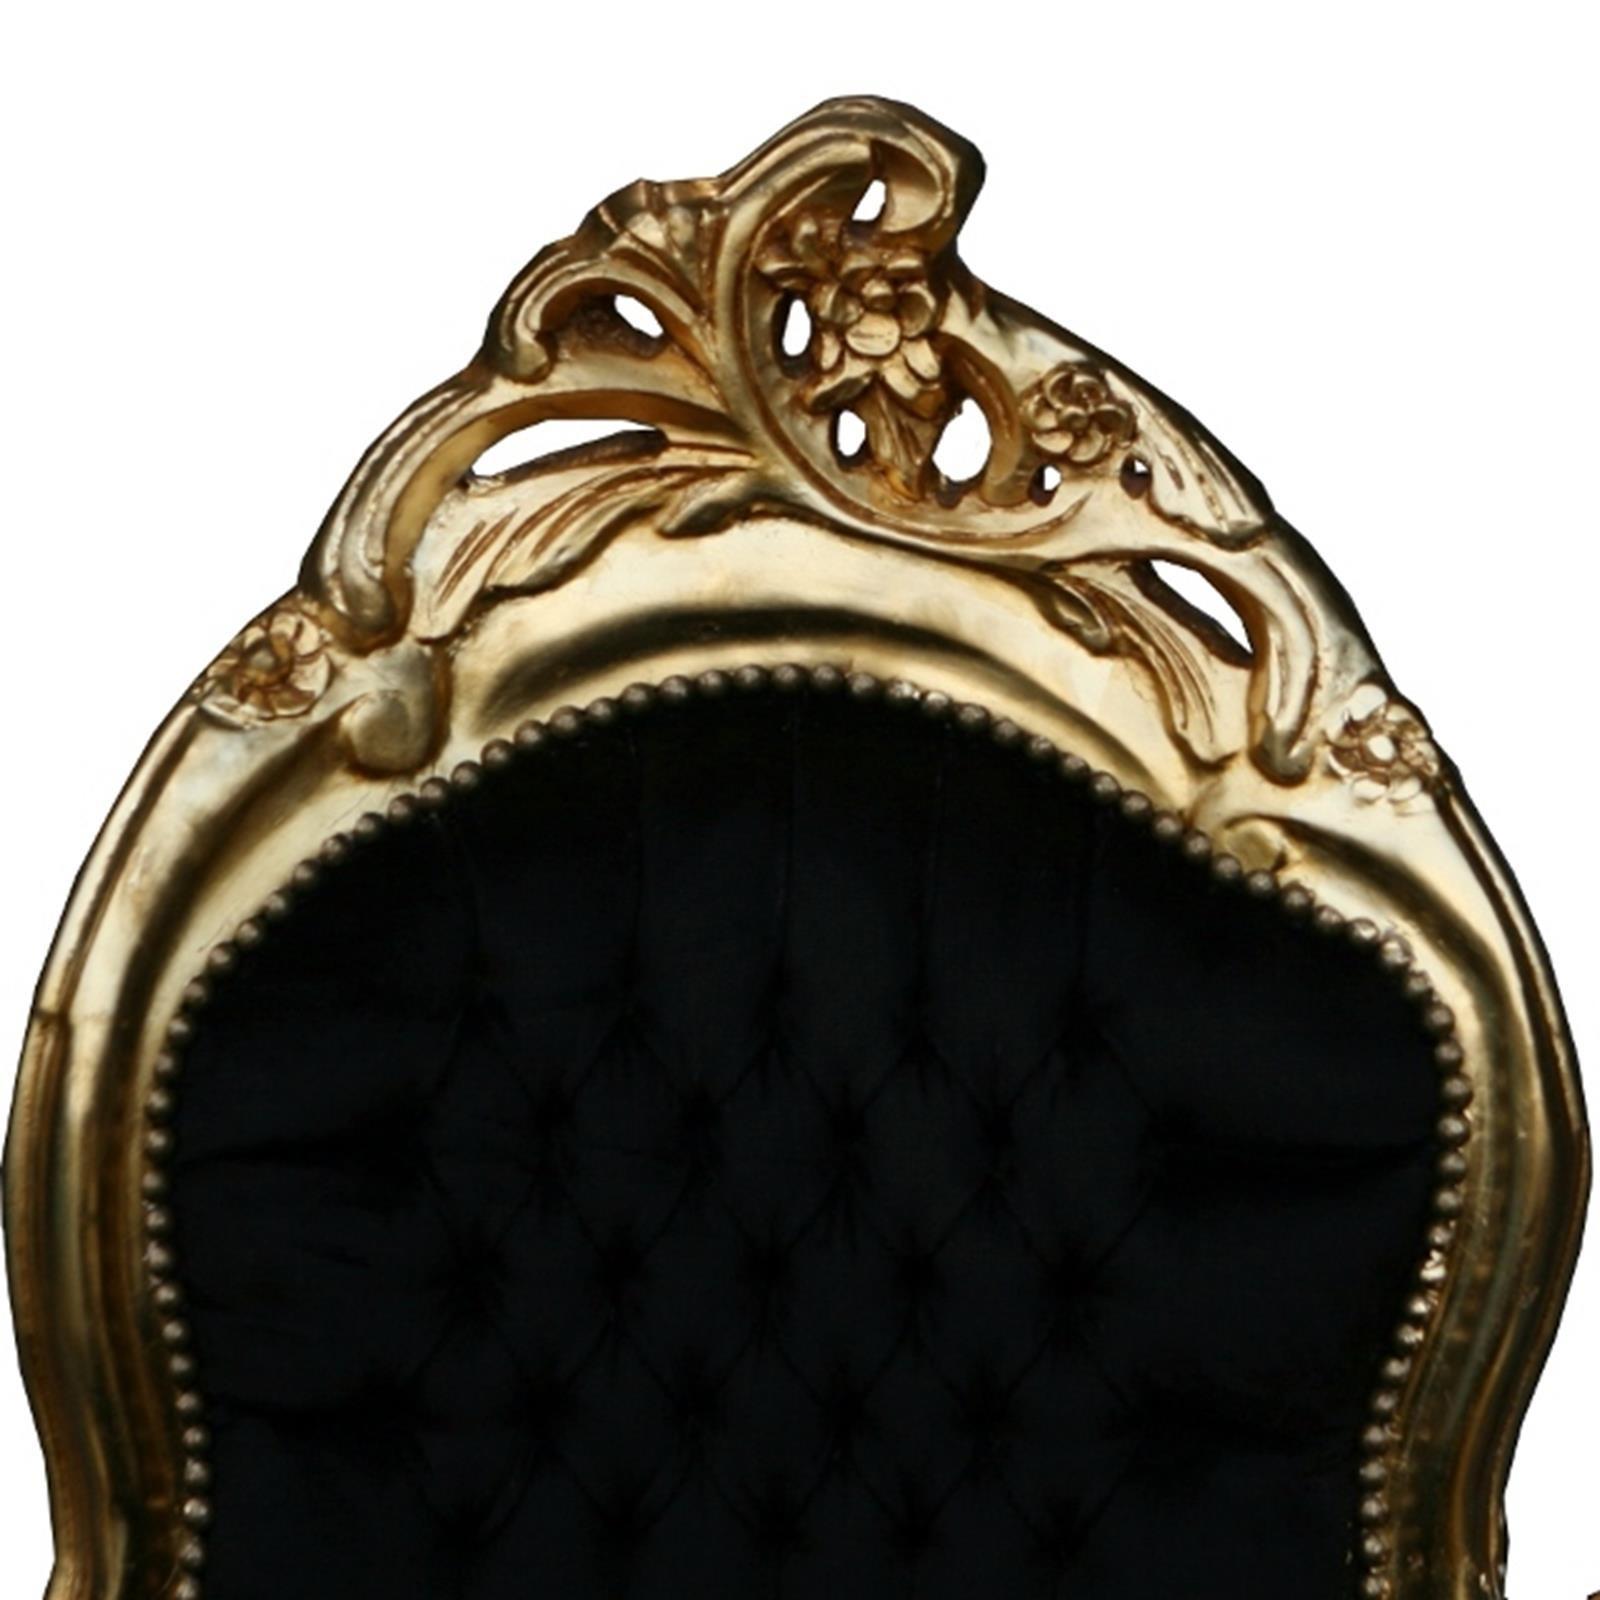 Liebenswert Ottomane Recamiere Dekoration Von Prunkvolles Schwarz Goldenes Kanapee Antiken Barocken Design